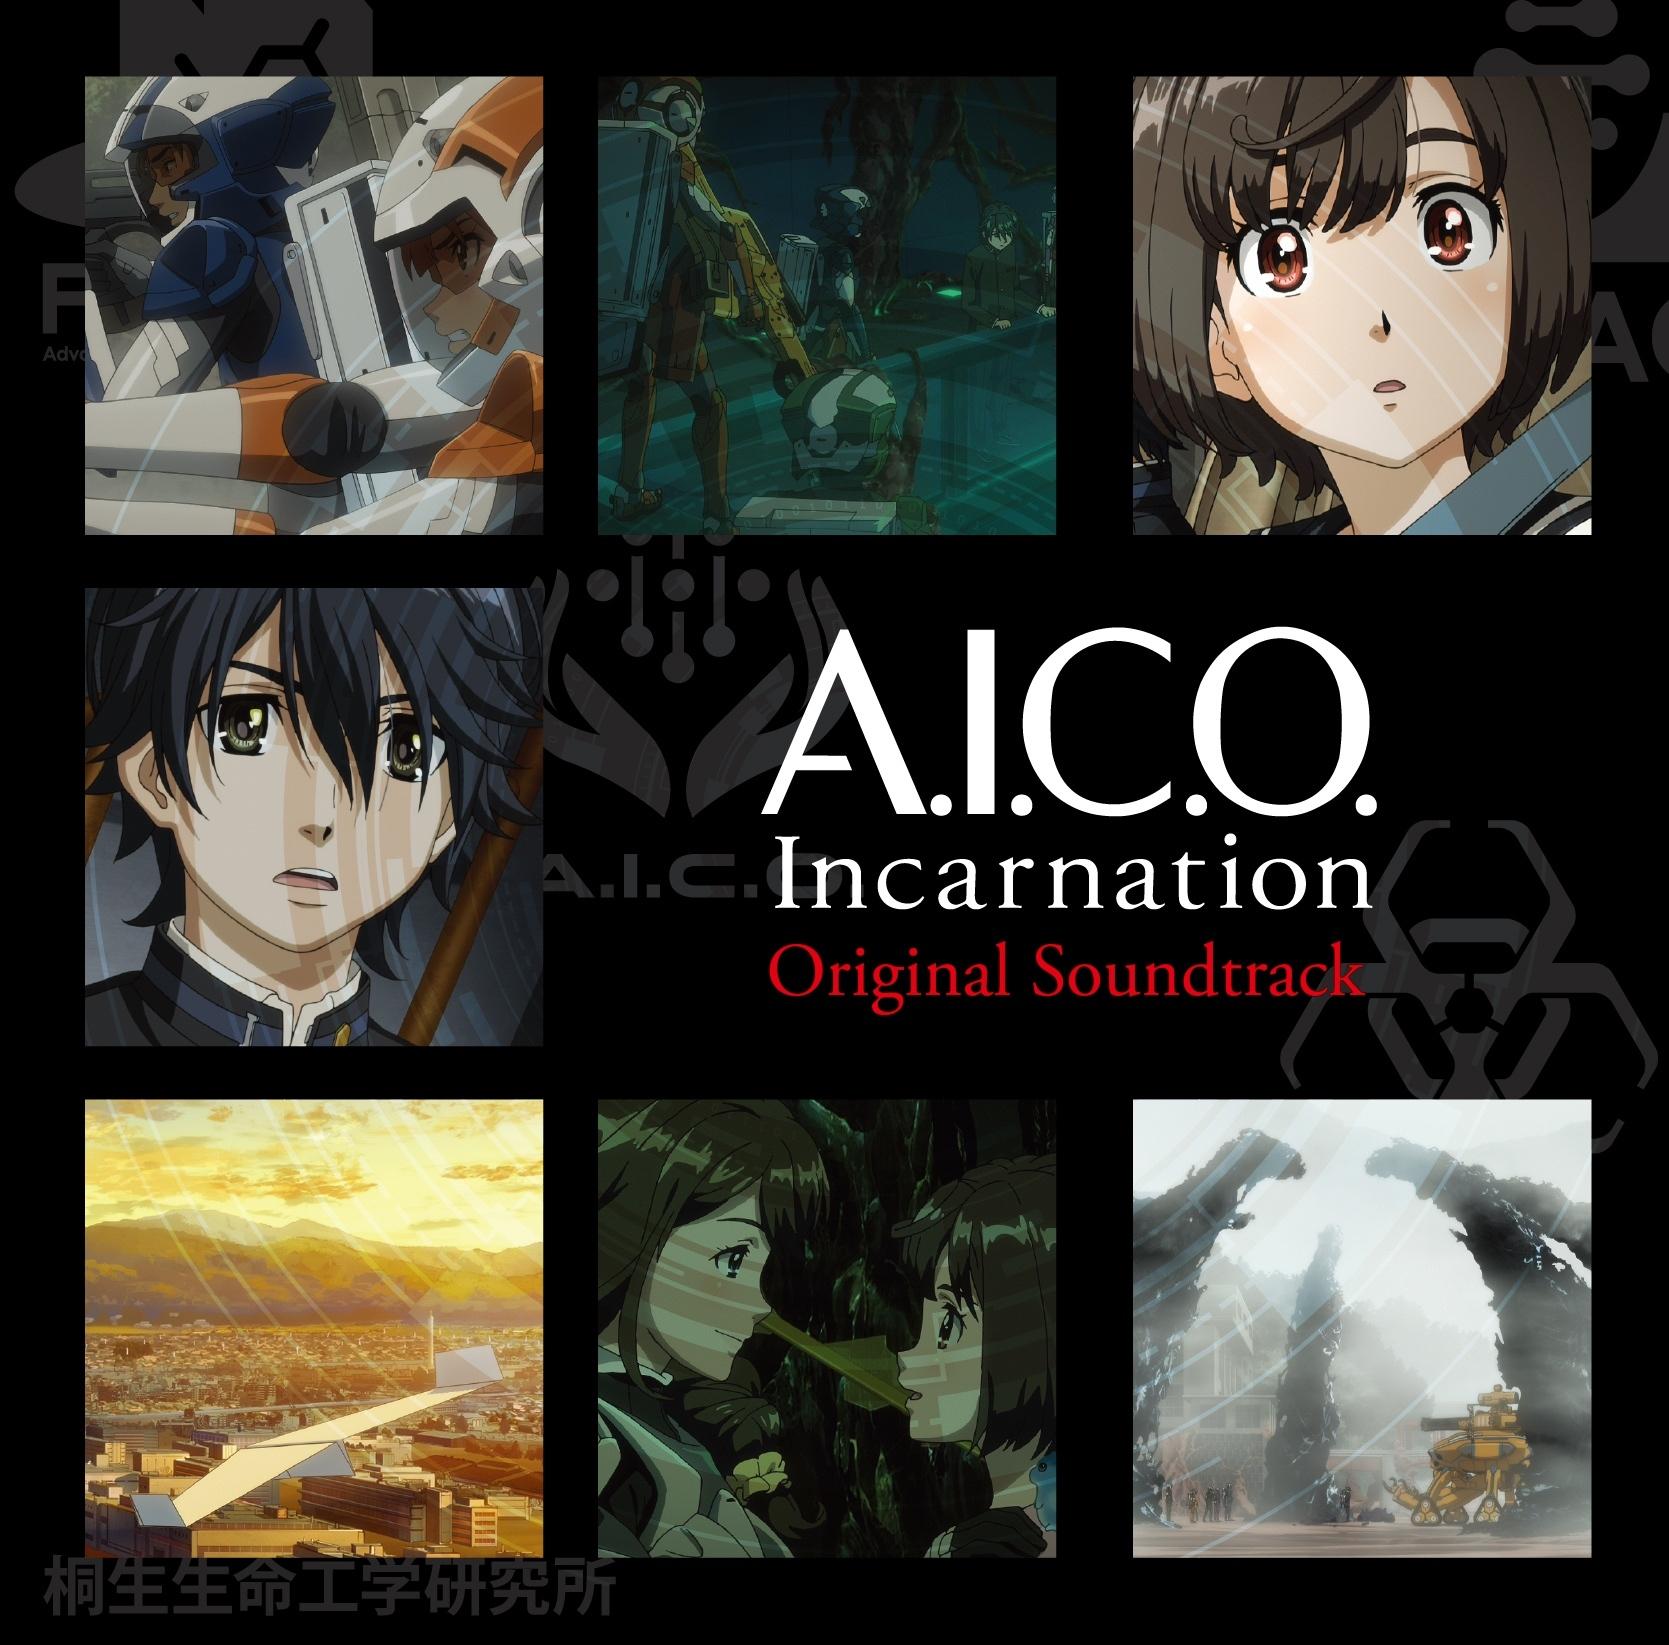 アニメ『A.I.C.O. Incarnation』 オリジナルサウンドトラック